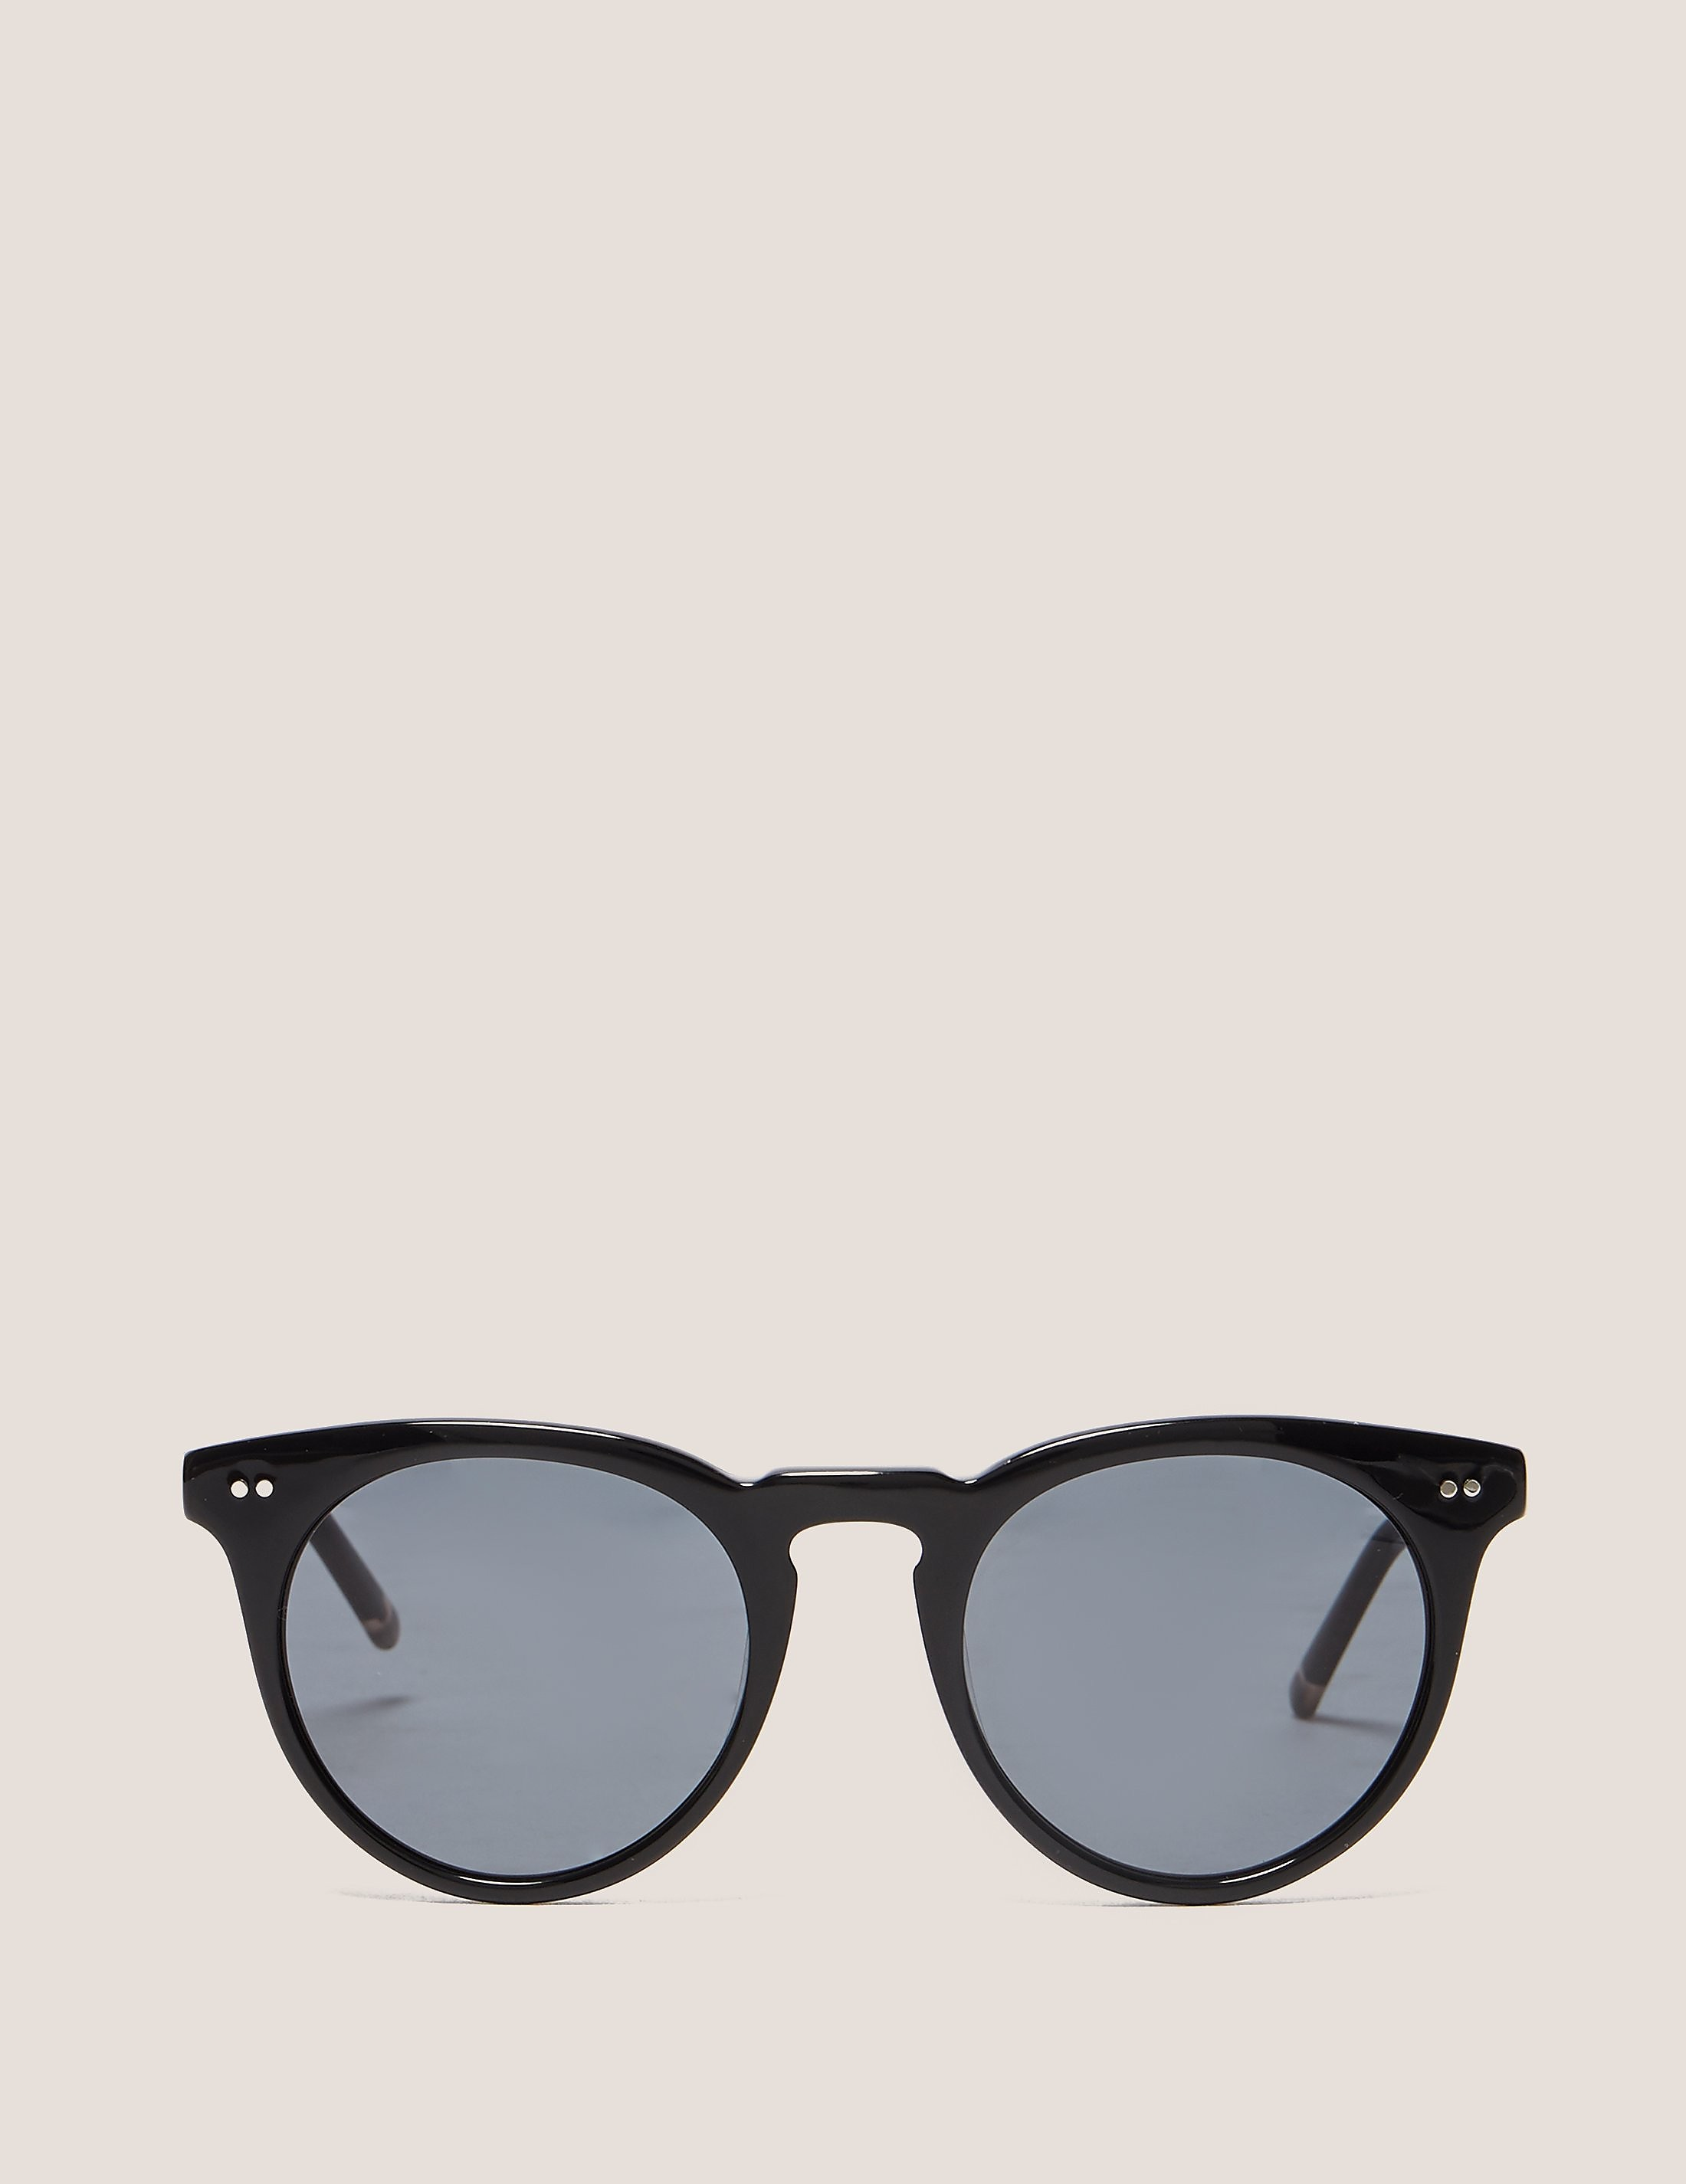 Calvin Klein Round Sunglasses